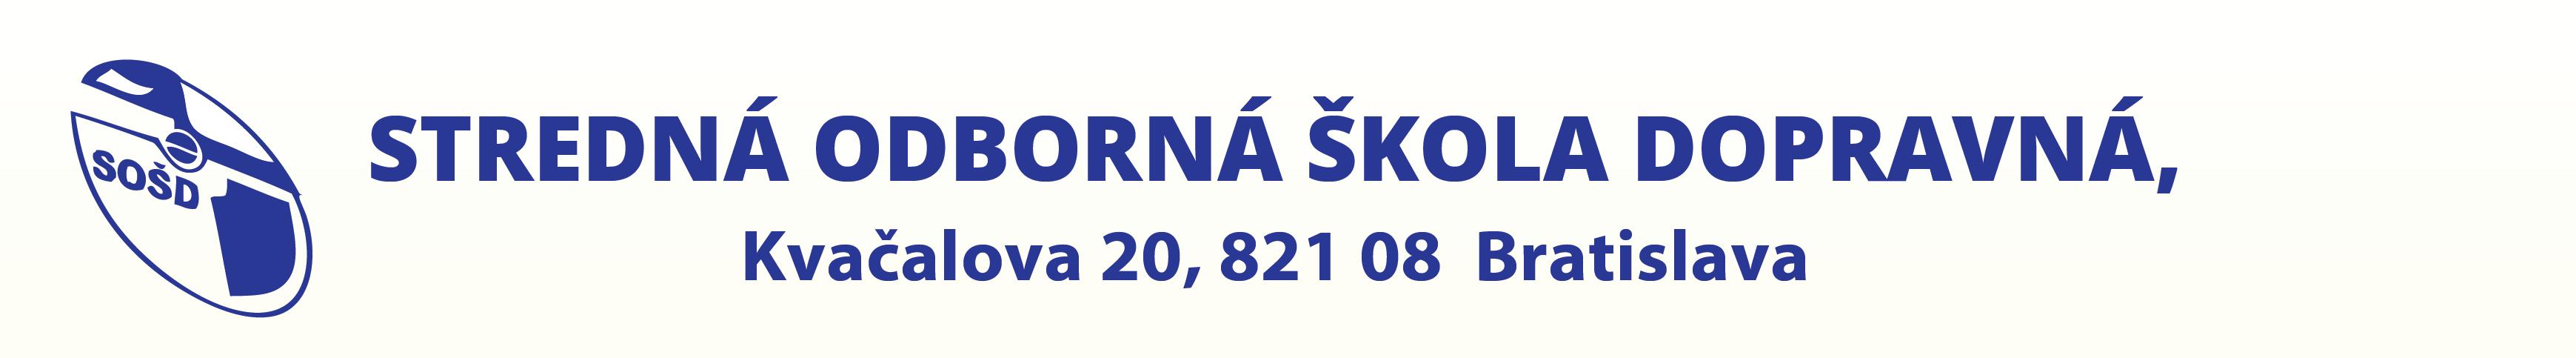 sosdba.sk